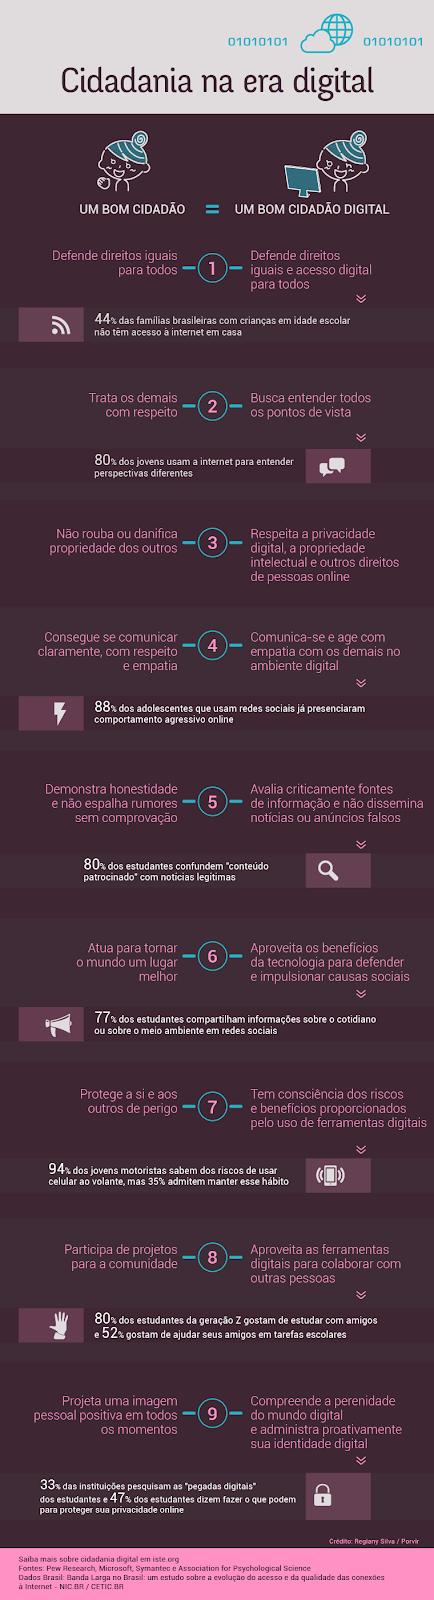 http://porvir.org/infografico-cidadania-na-era-digital/